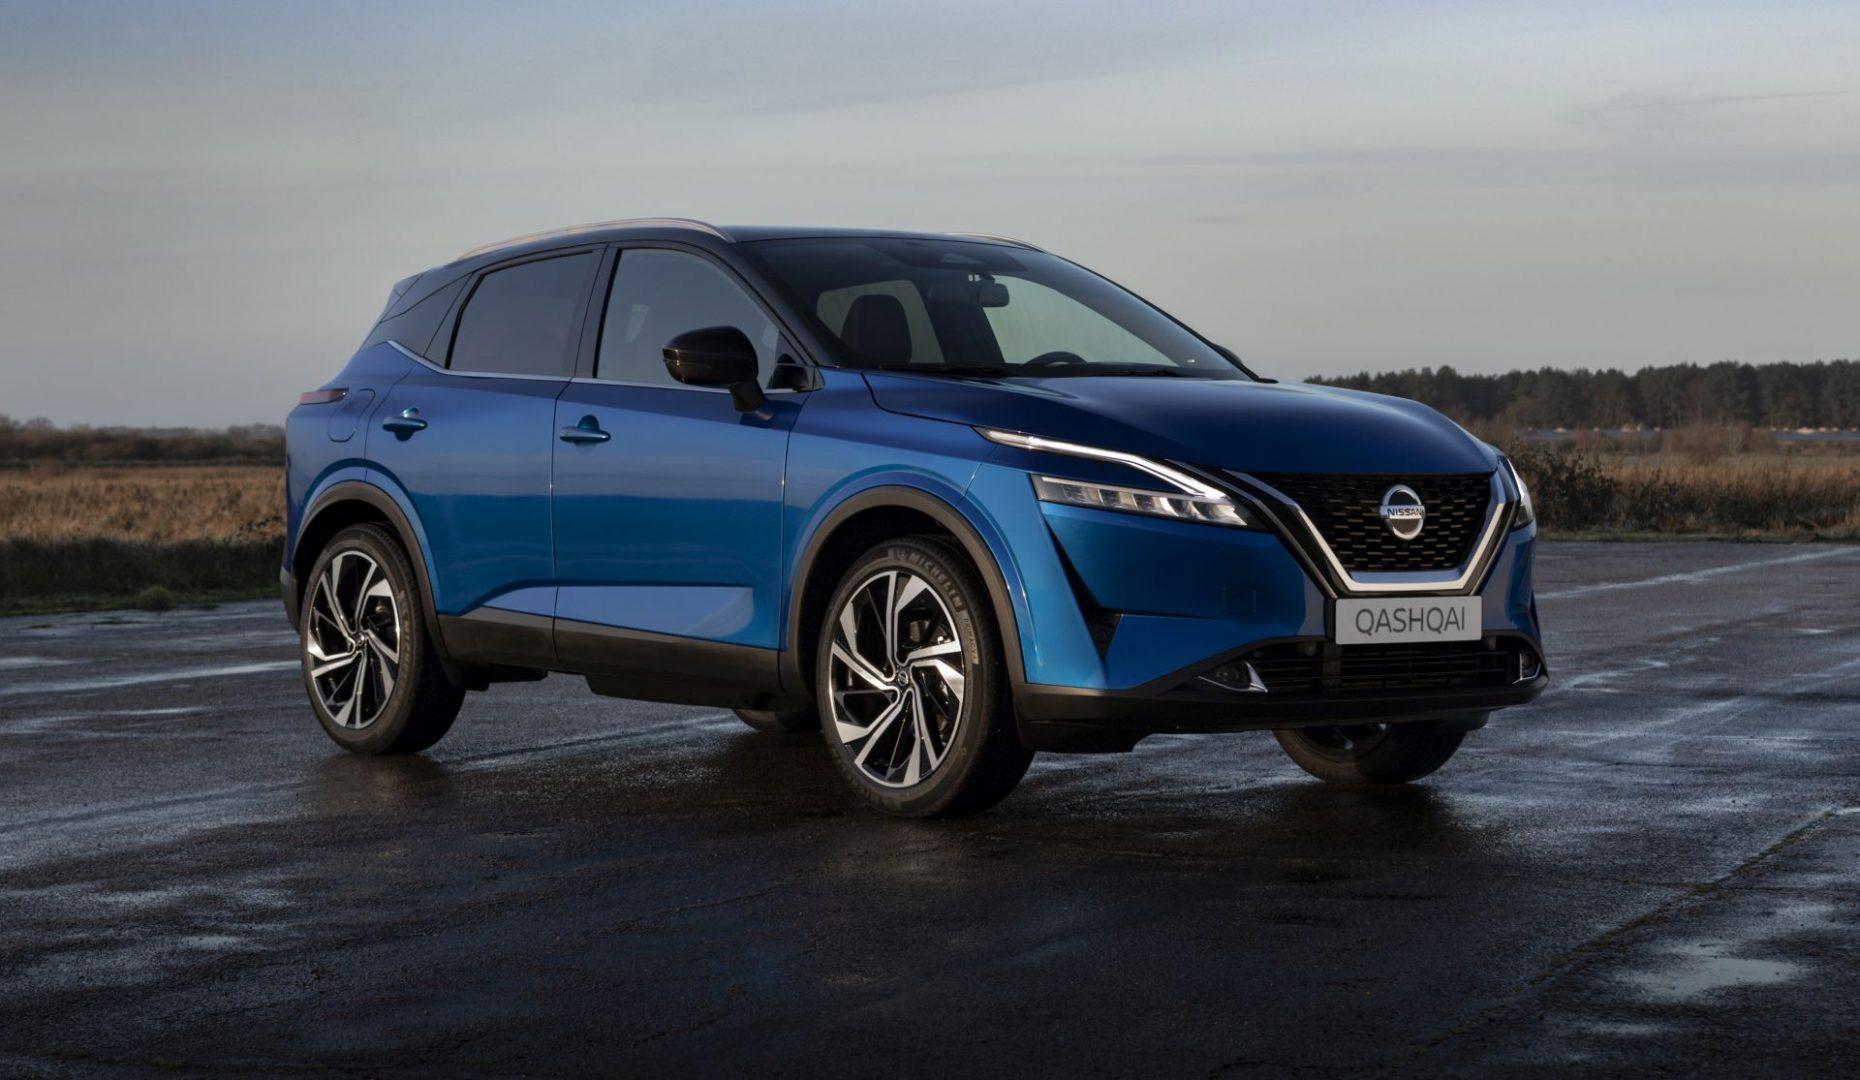 Predstavljena treća generacija Nissana Qashqai koja donosi hrabriji izgled